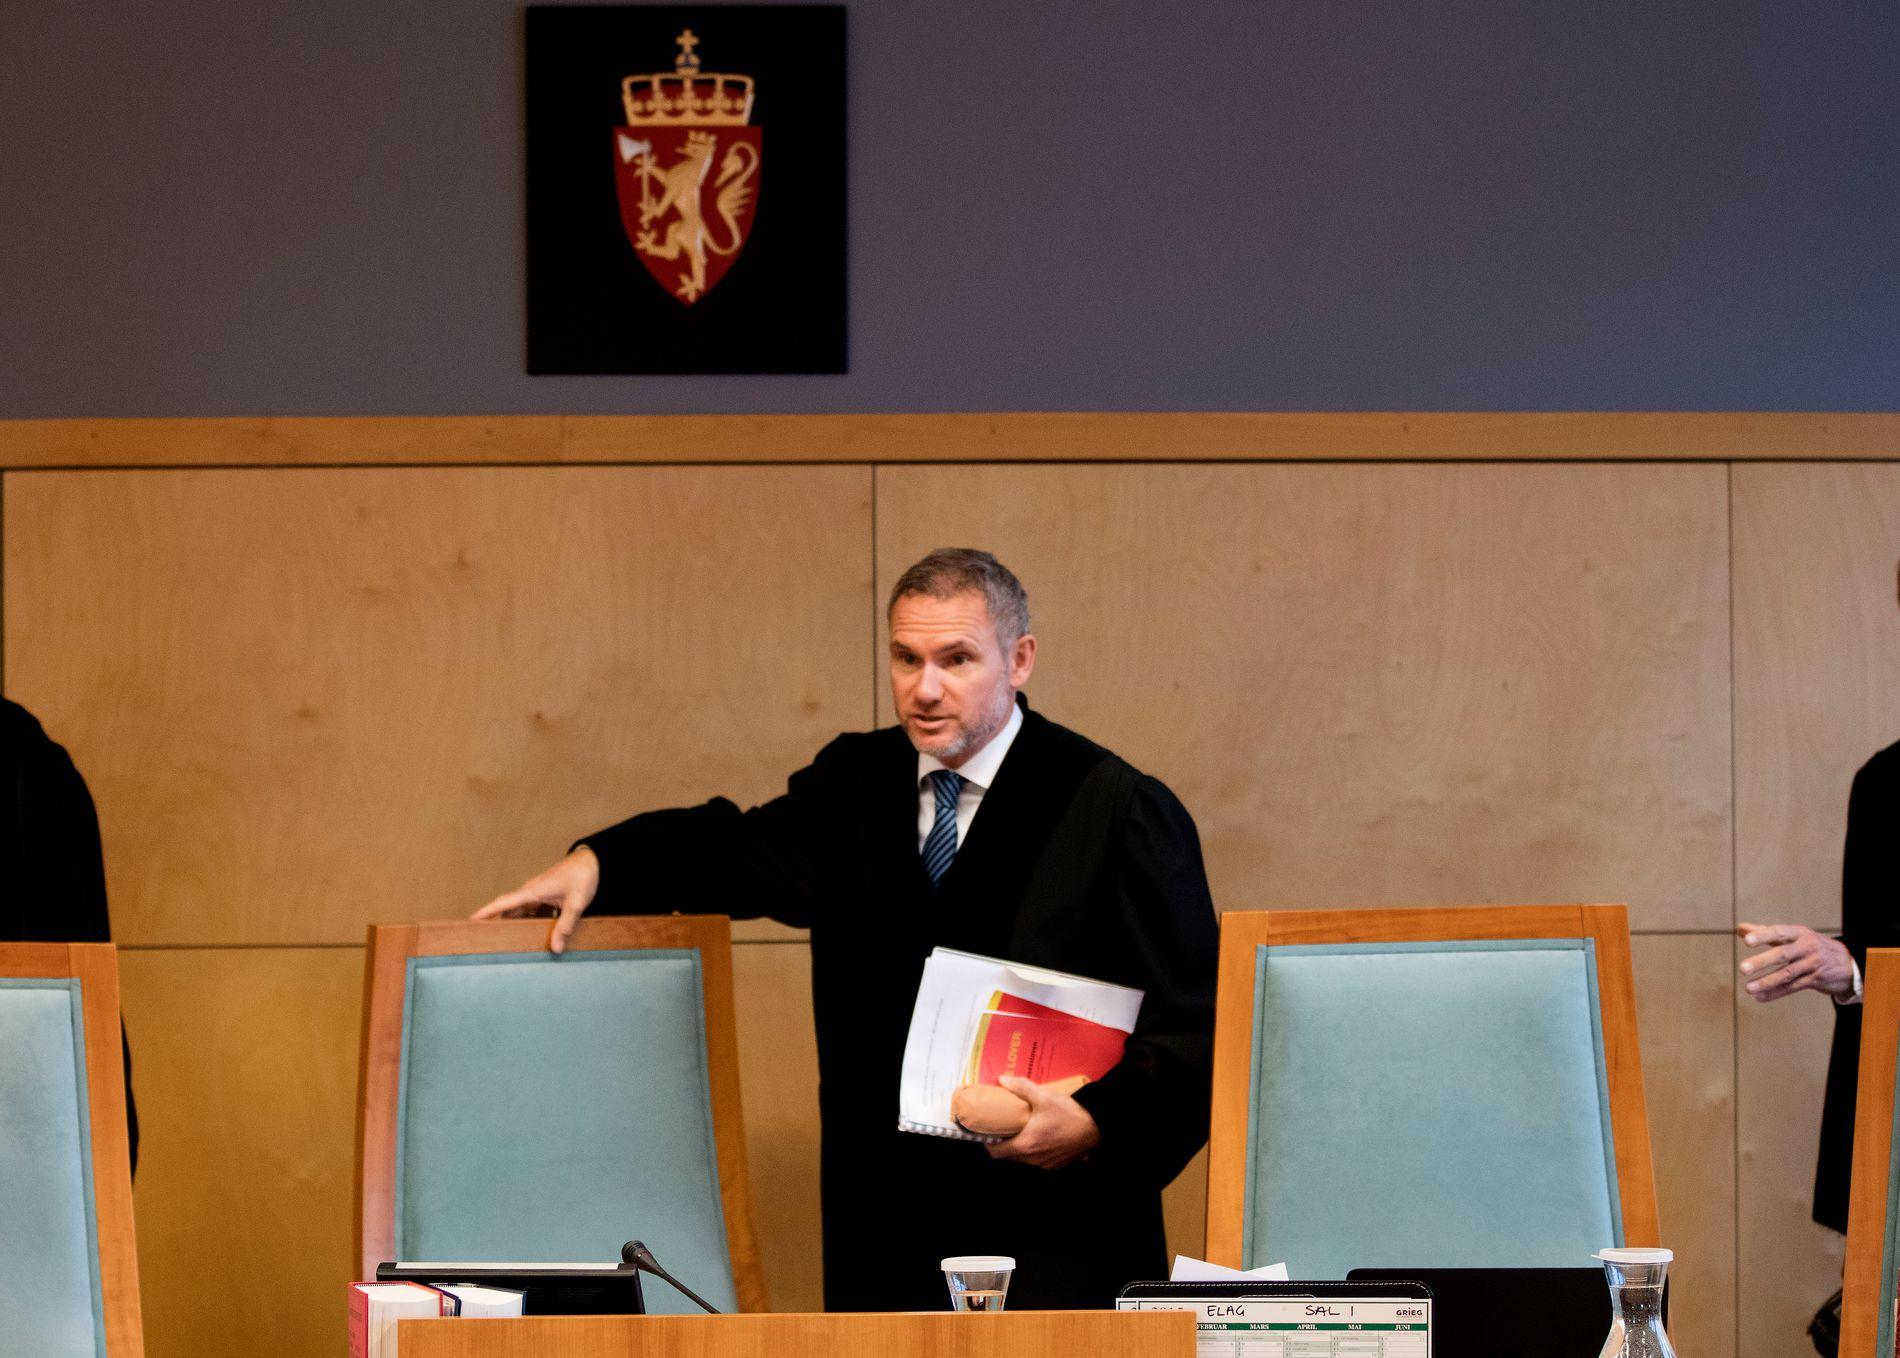 FRIKJENTE GJENSIDIGE: Lagdommer Bjørn Eirik Hansen i Eidsivating lagmannsrett har behandlet en rekke saker mot selskaper han eier aksjer i. Bildet er tatt i forbindelse med en sak som var oppe i lagmannsretten for noen dager siden.